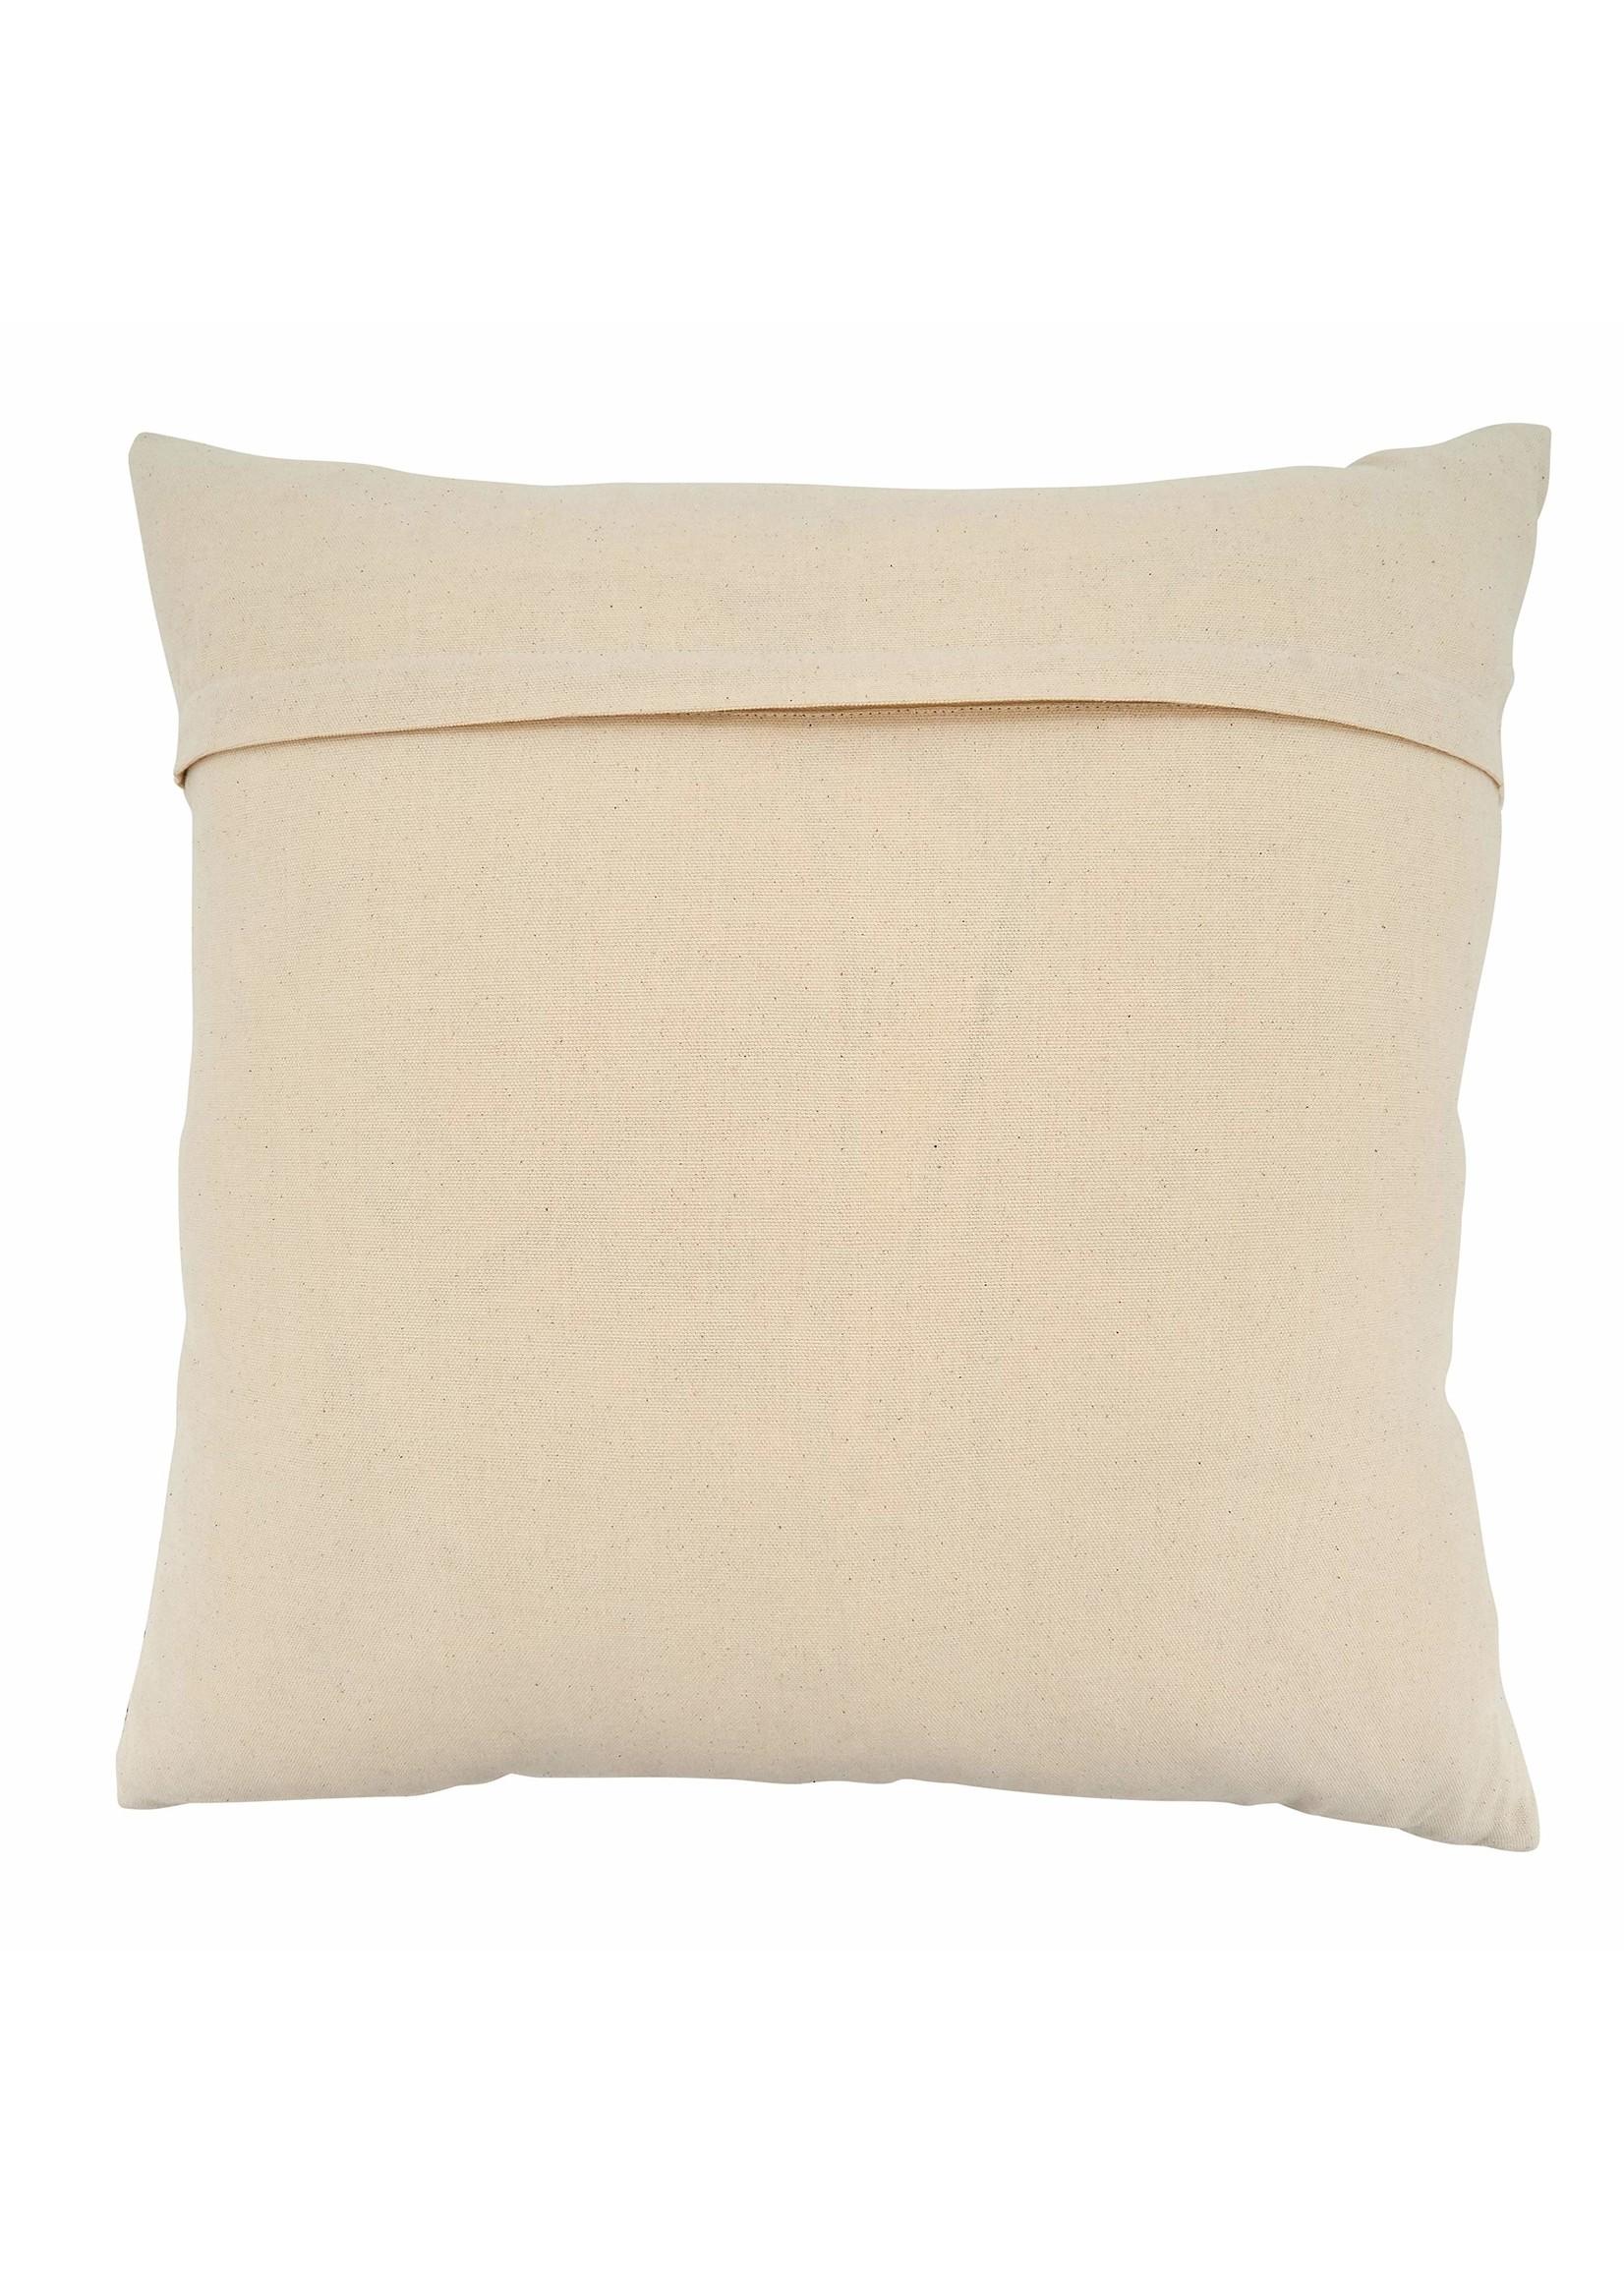 Saro SARO Chevron Pillow Natural